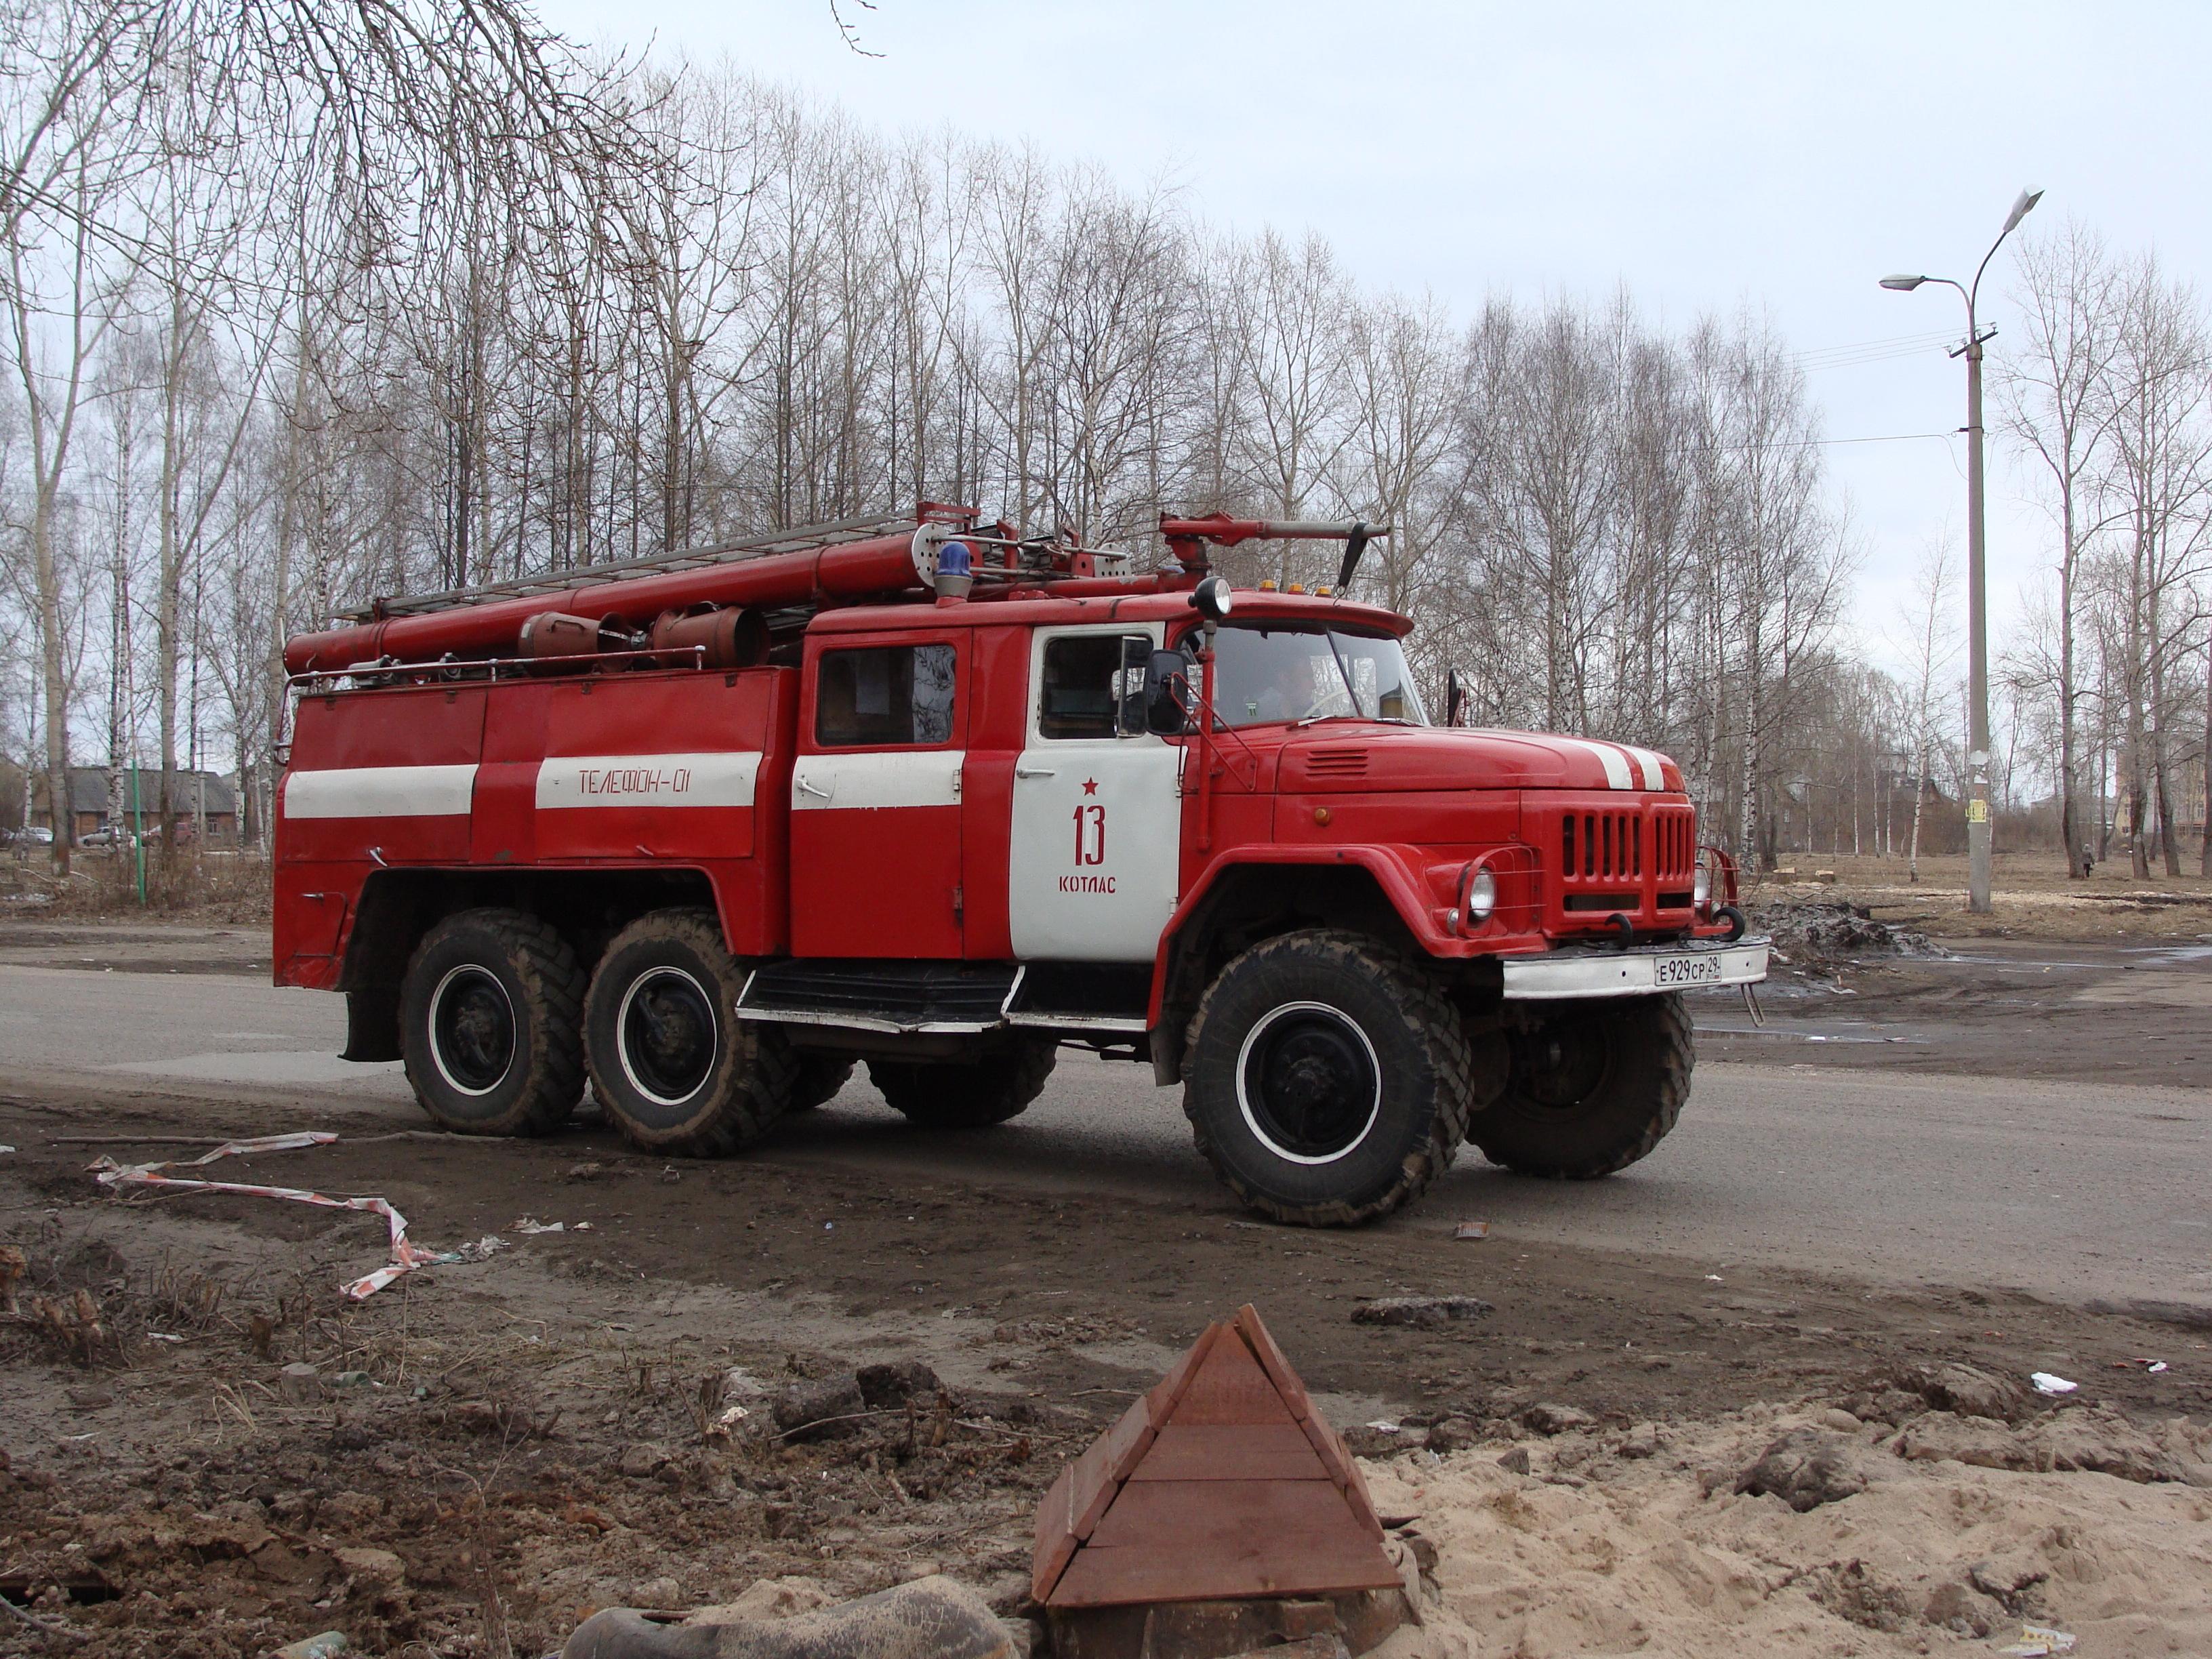 Игры пожарные машины: тушить пожары - играть онлайн бесплатно для мальчиков